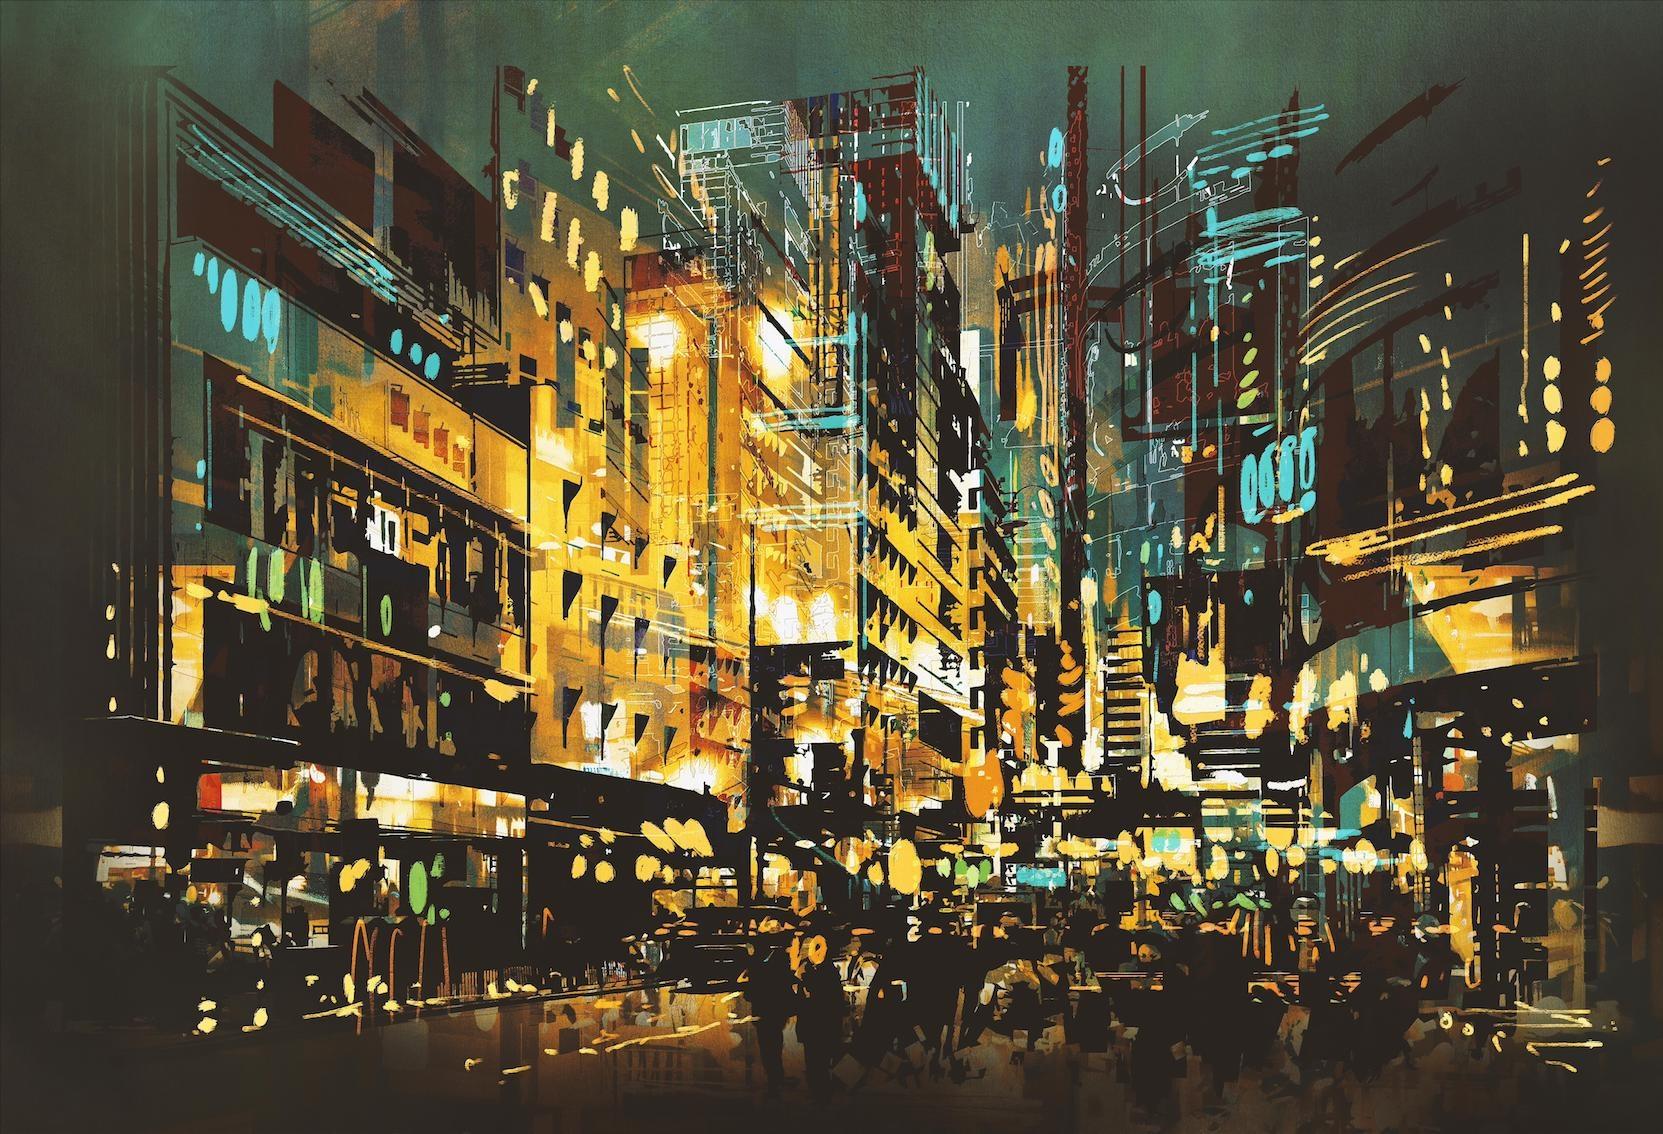 Night Scene Cityscape-1